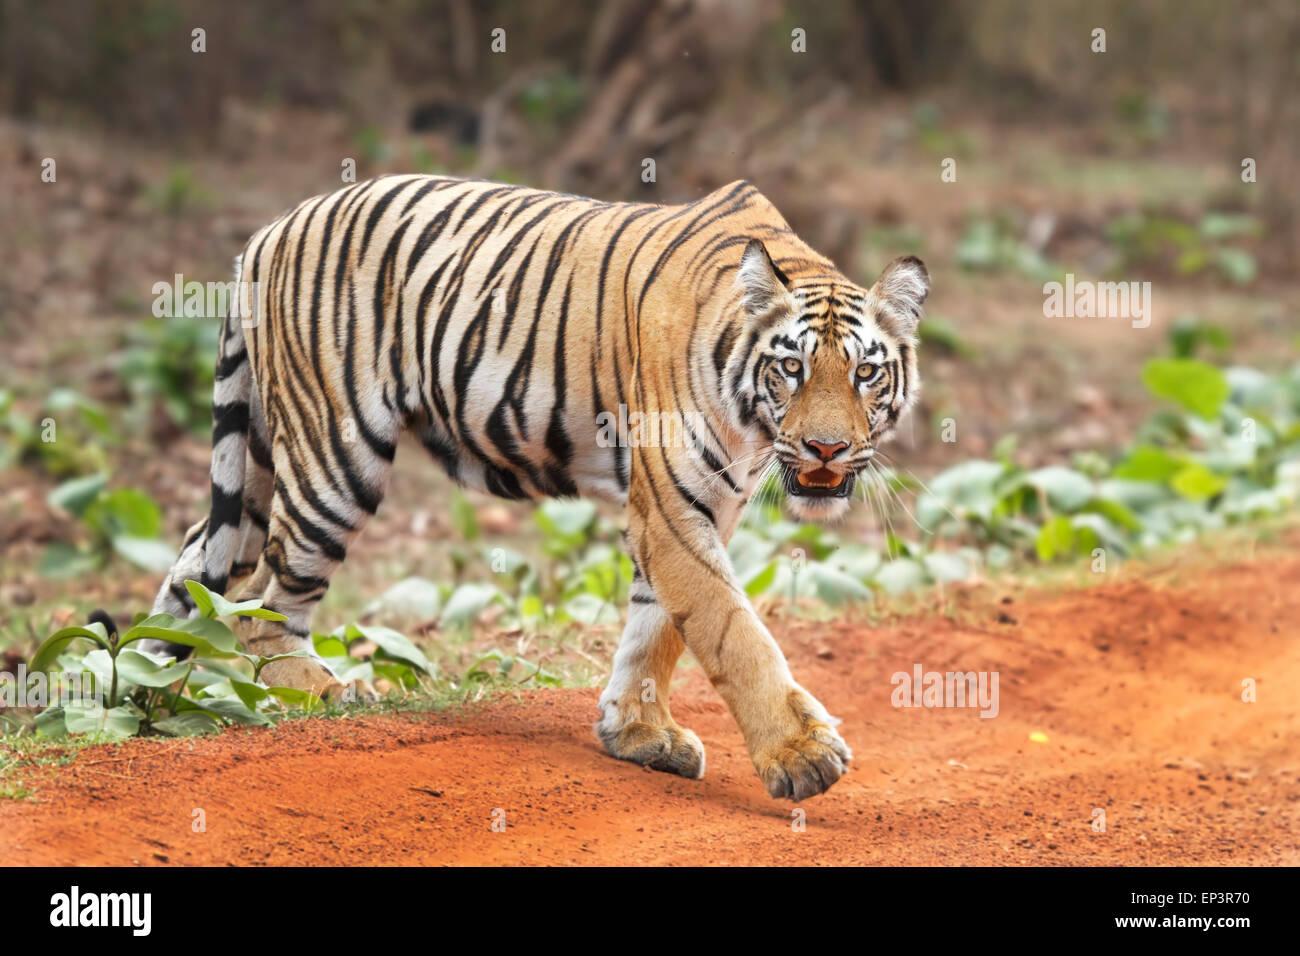 Royal Bengal Tiger or Panthera Tigris or Indian Tiger crossing road at Tadoba National Park, Maharashtra, India - Stock Image